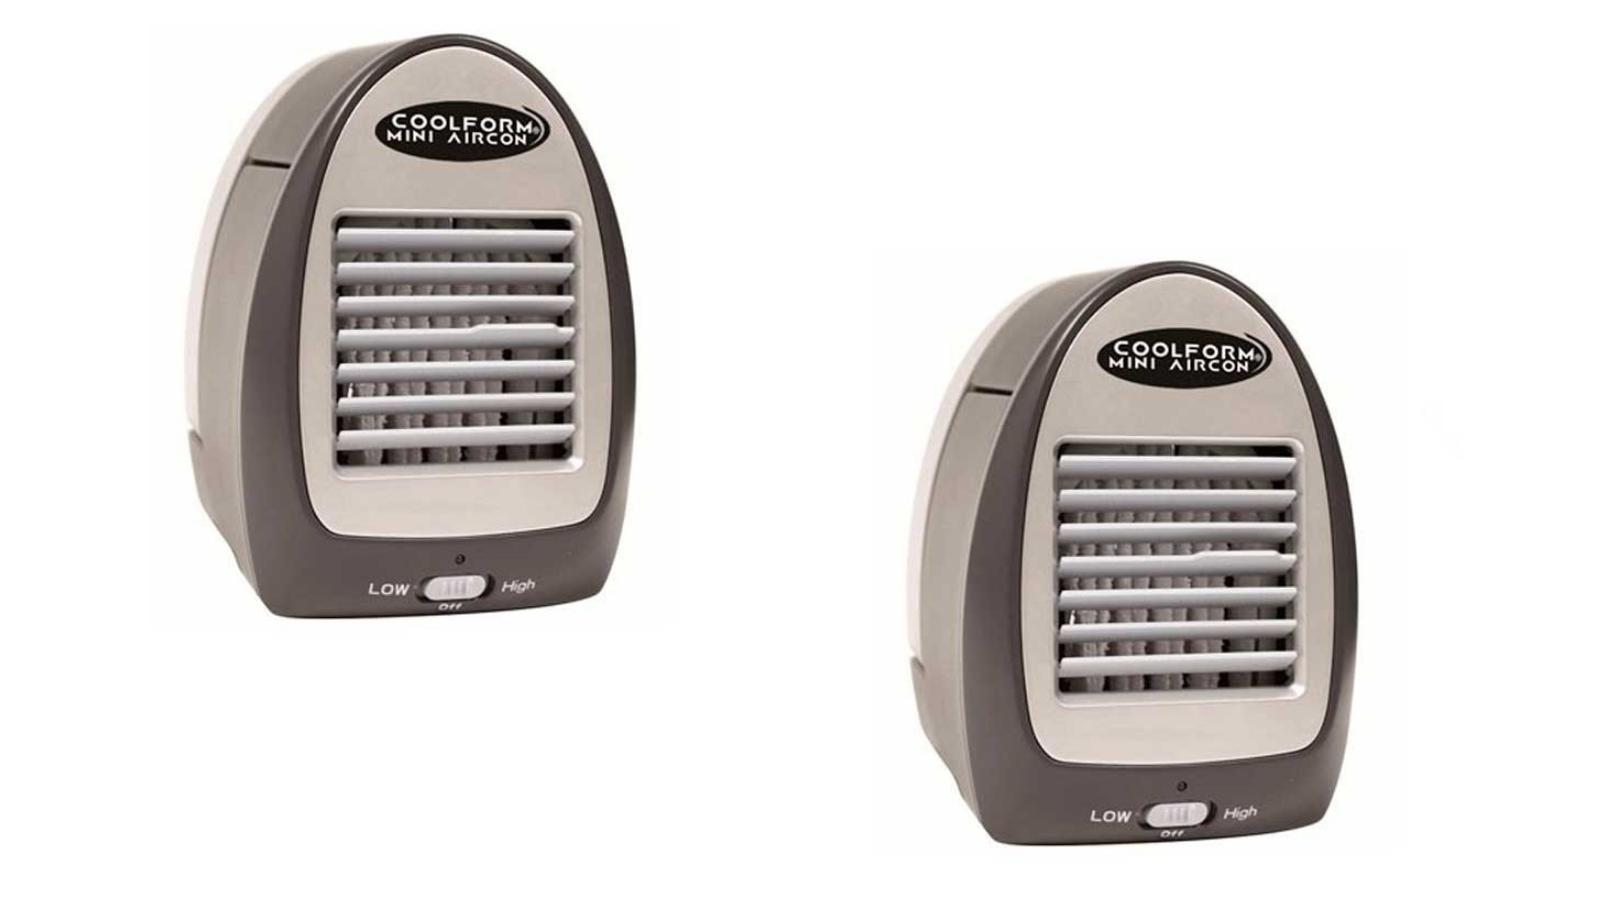 Rinfrescare Casa Fai Da Te coolform mini aircon: funziona davvero? | altroconsumo